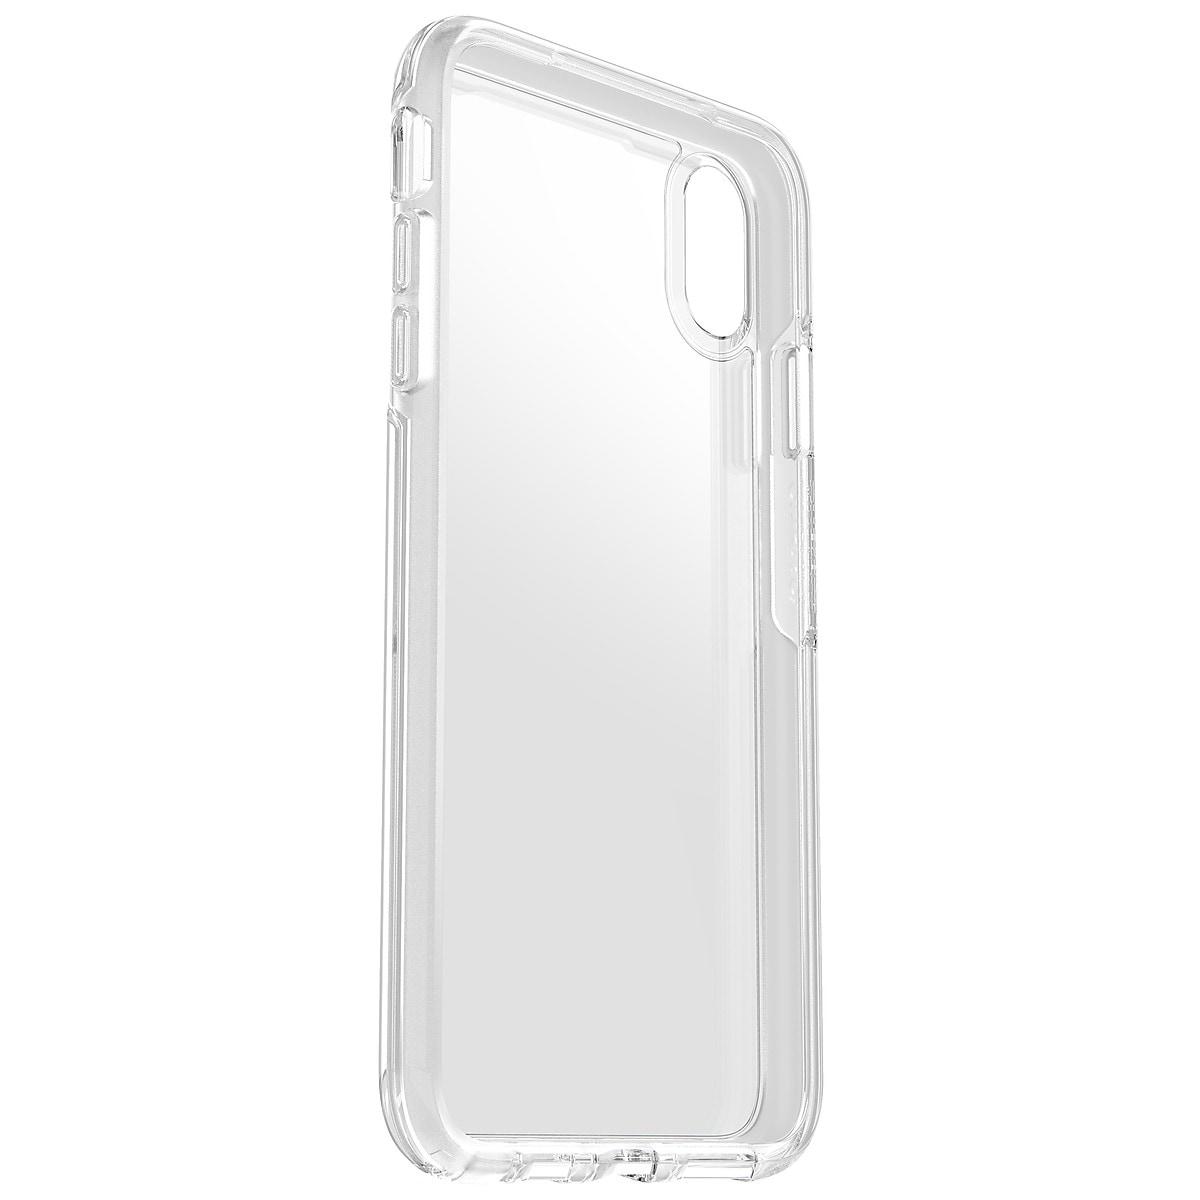 Skyddsskal för iPhone XS Max